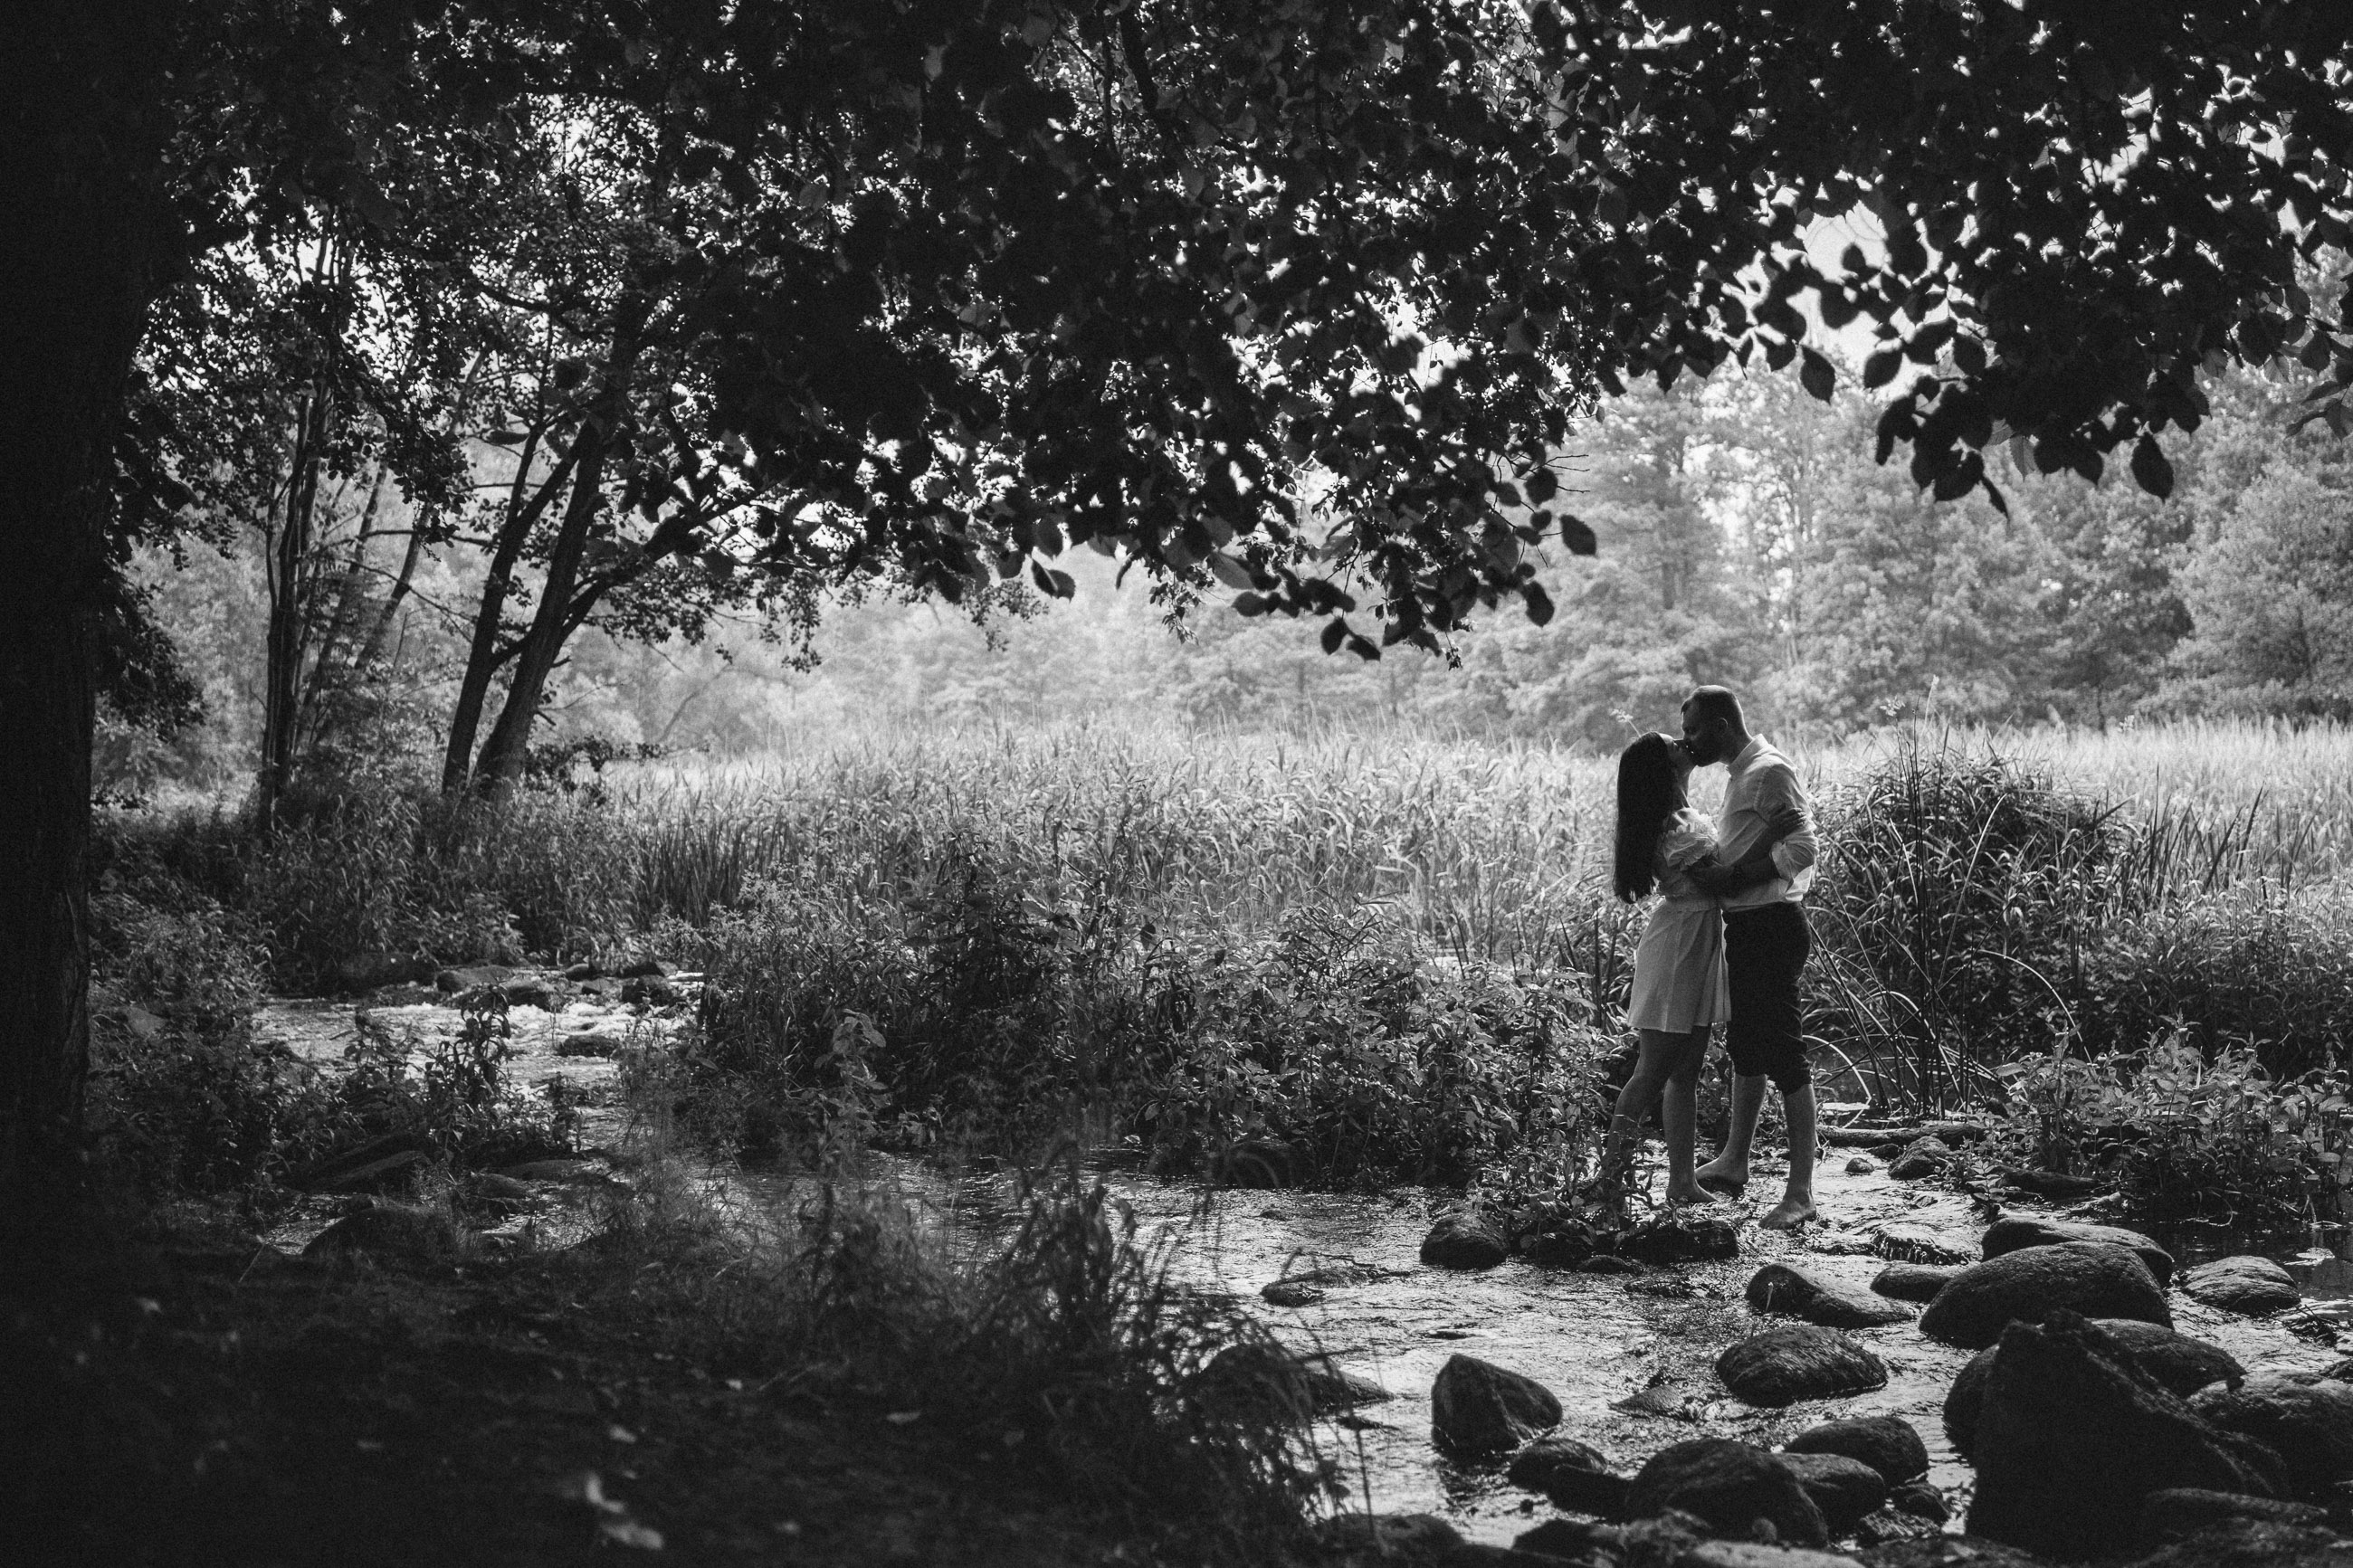 sesja narzeczeńska fotograf ślubny fotografia ślubna dla par narzeczonych zakochanych sesja w plenerze łódź warszawa